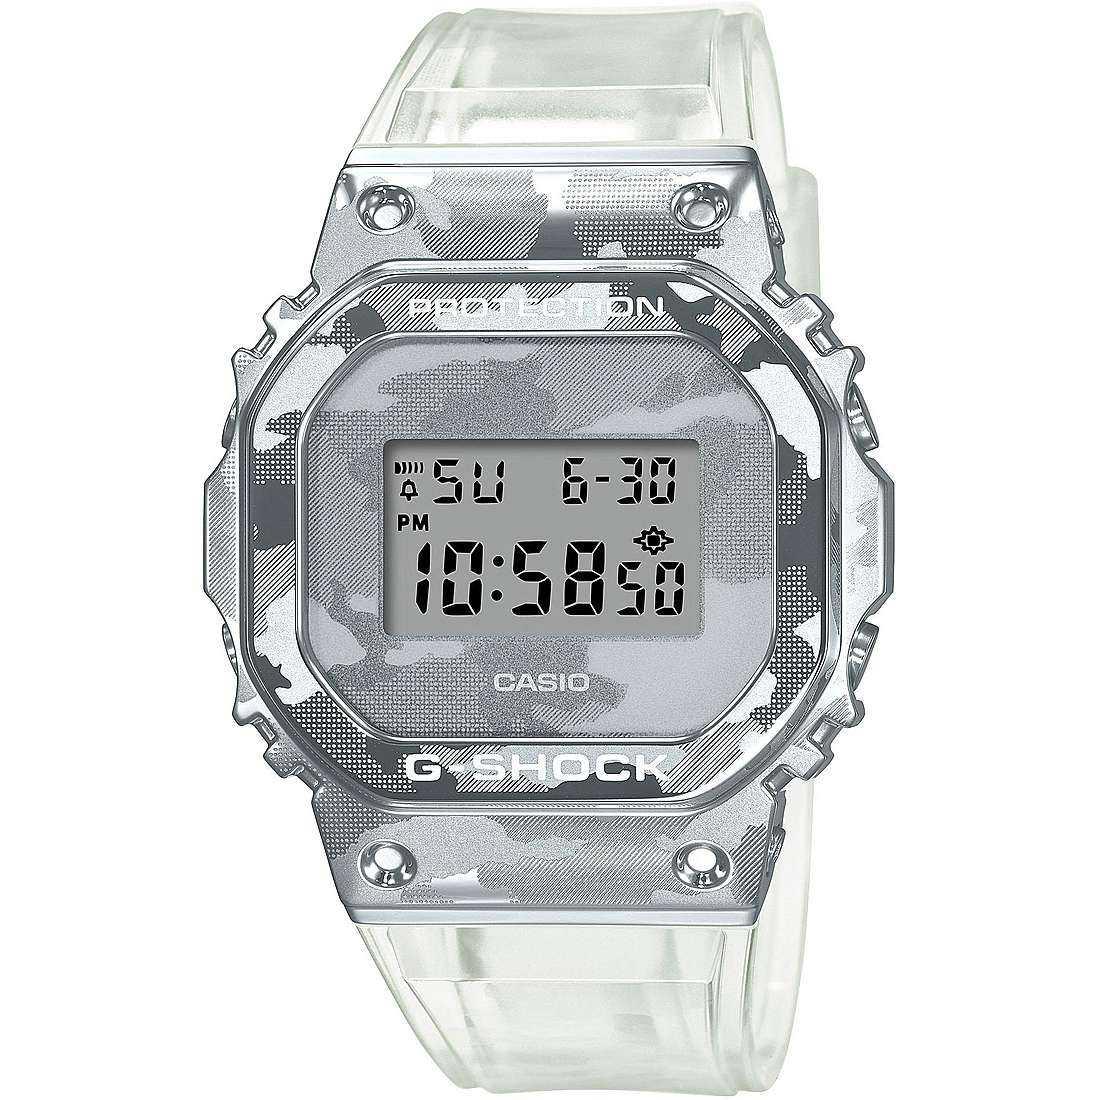 Orologio multifunzione casio g shock gm 5600scm 1er